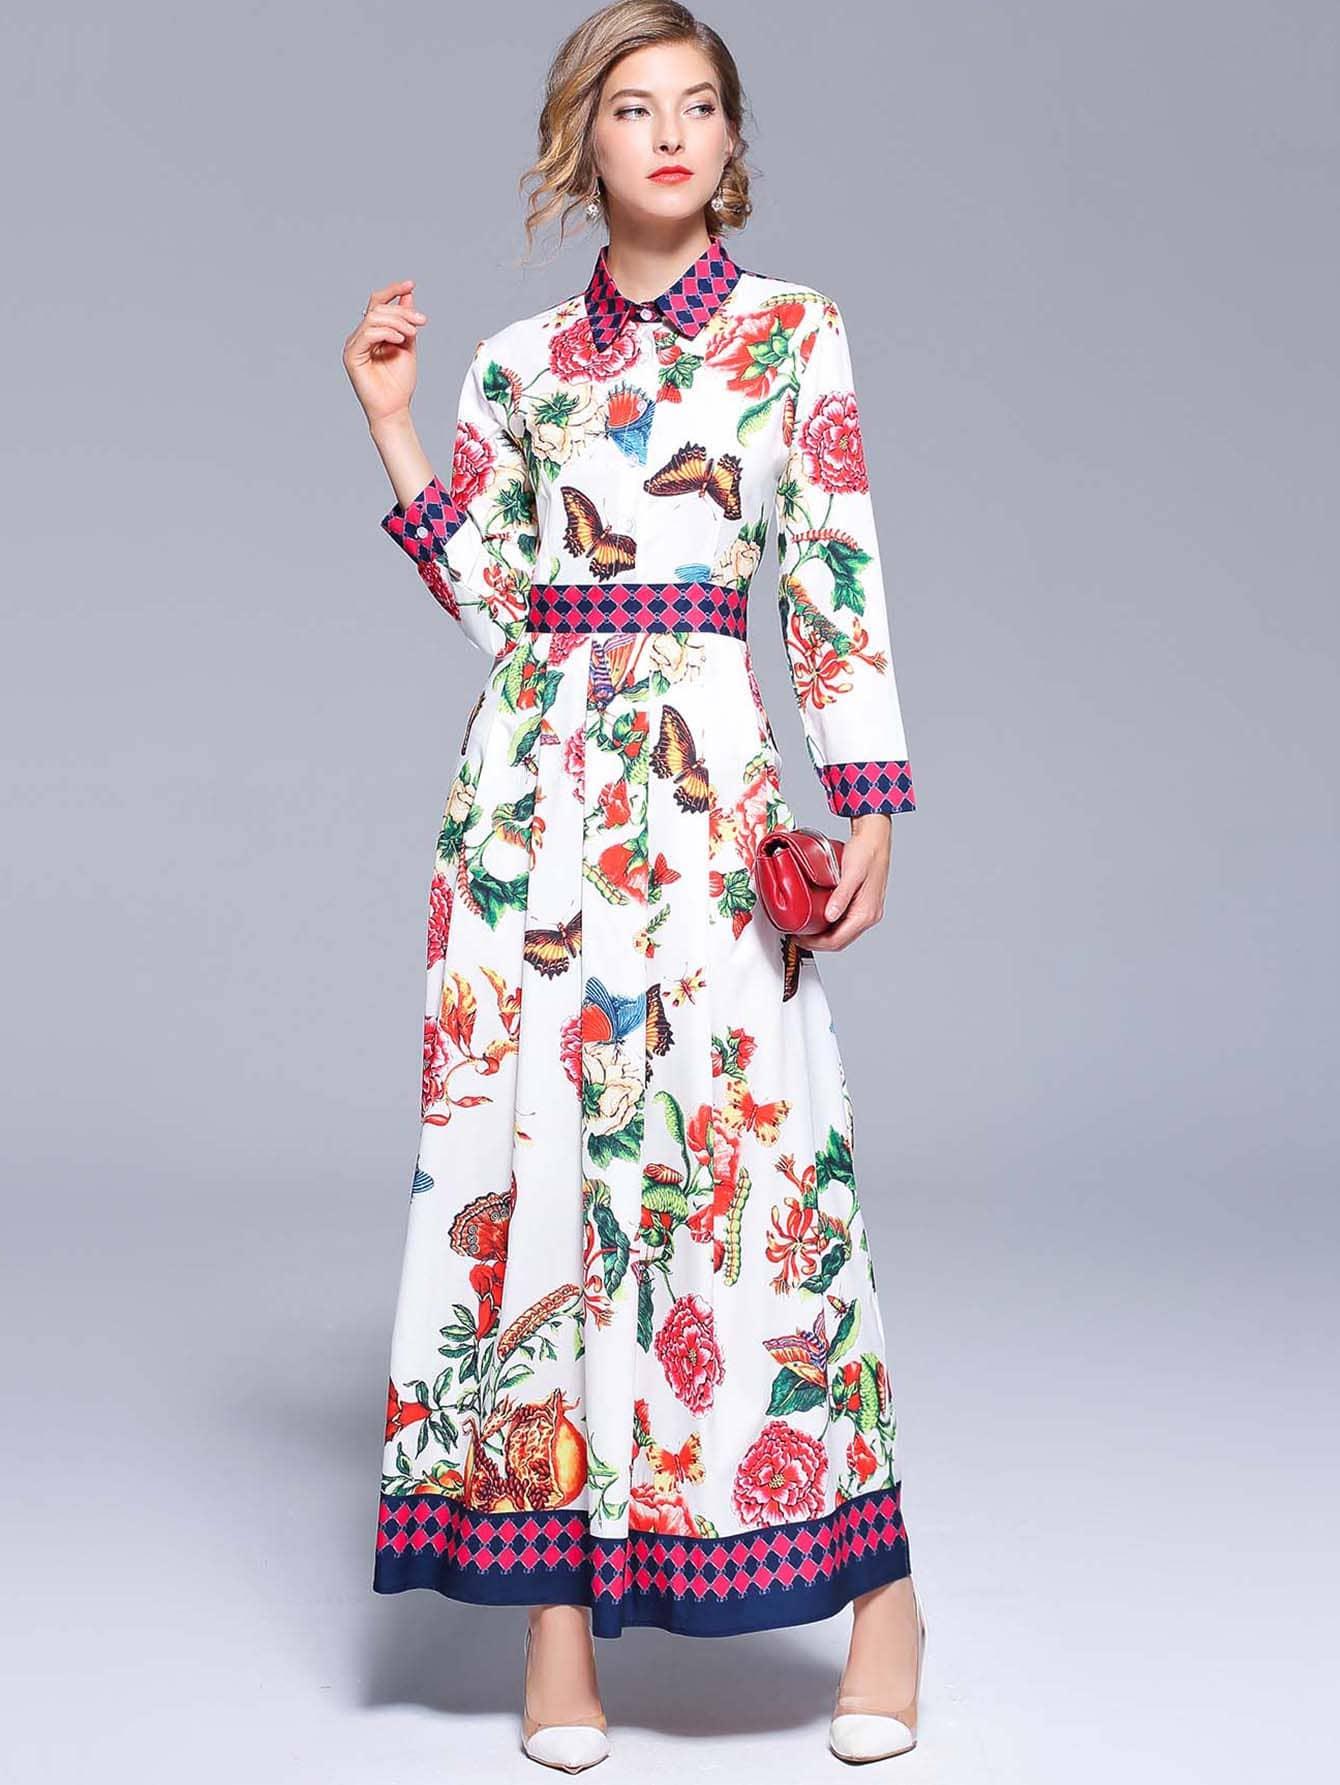 Купить Длинное платье с рисунками цветов, null, SheIn